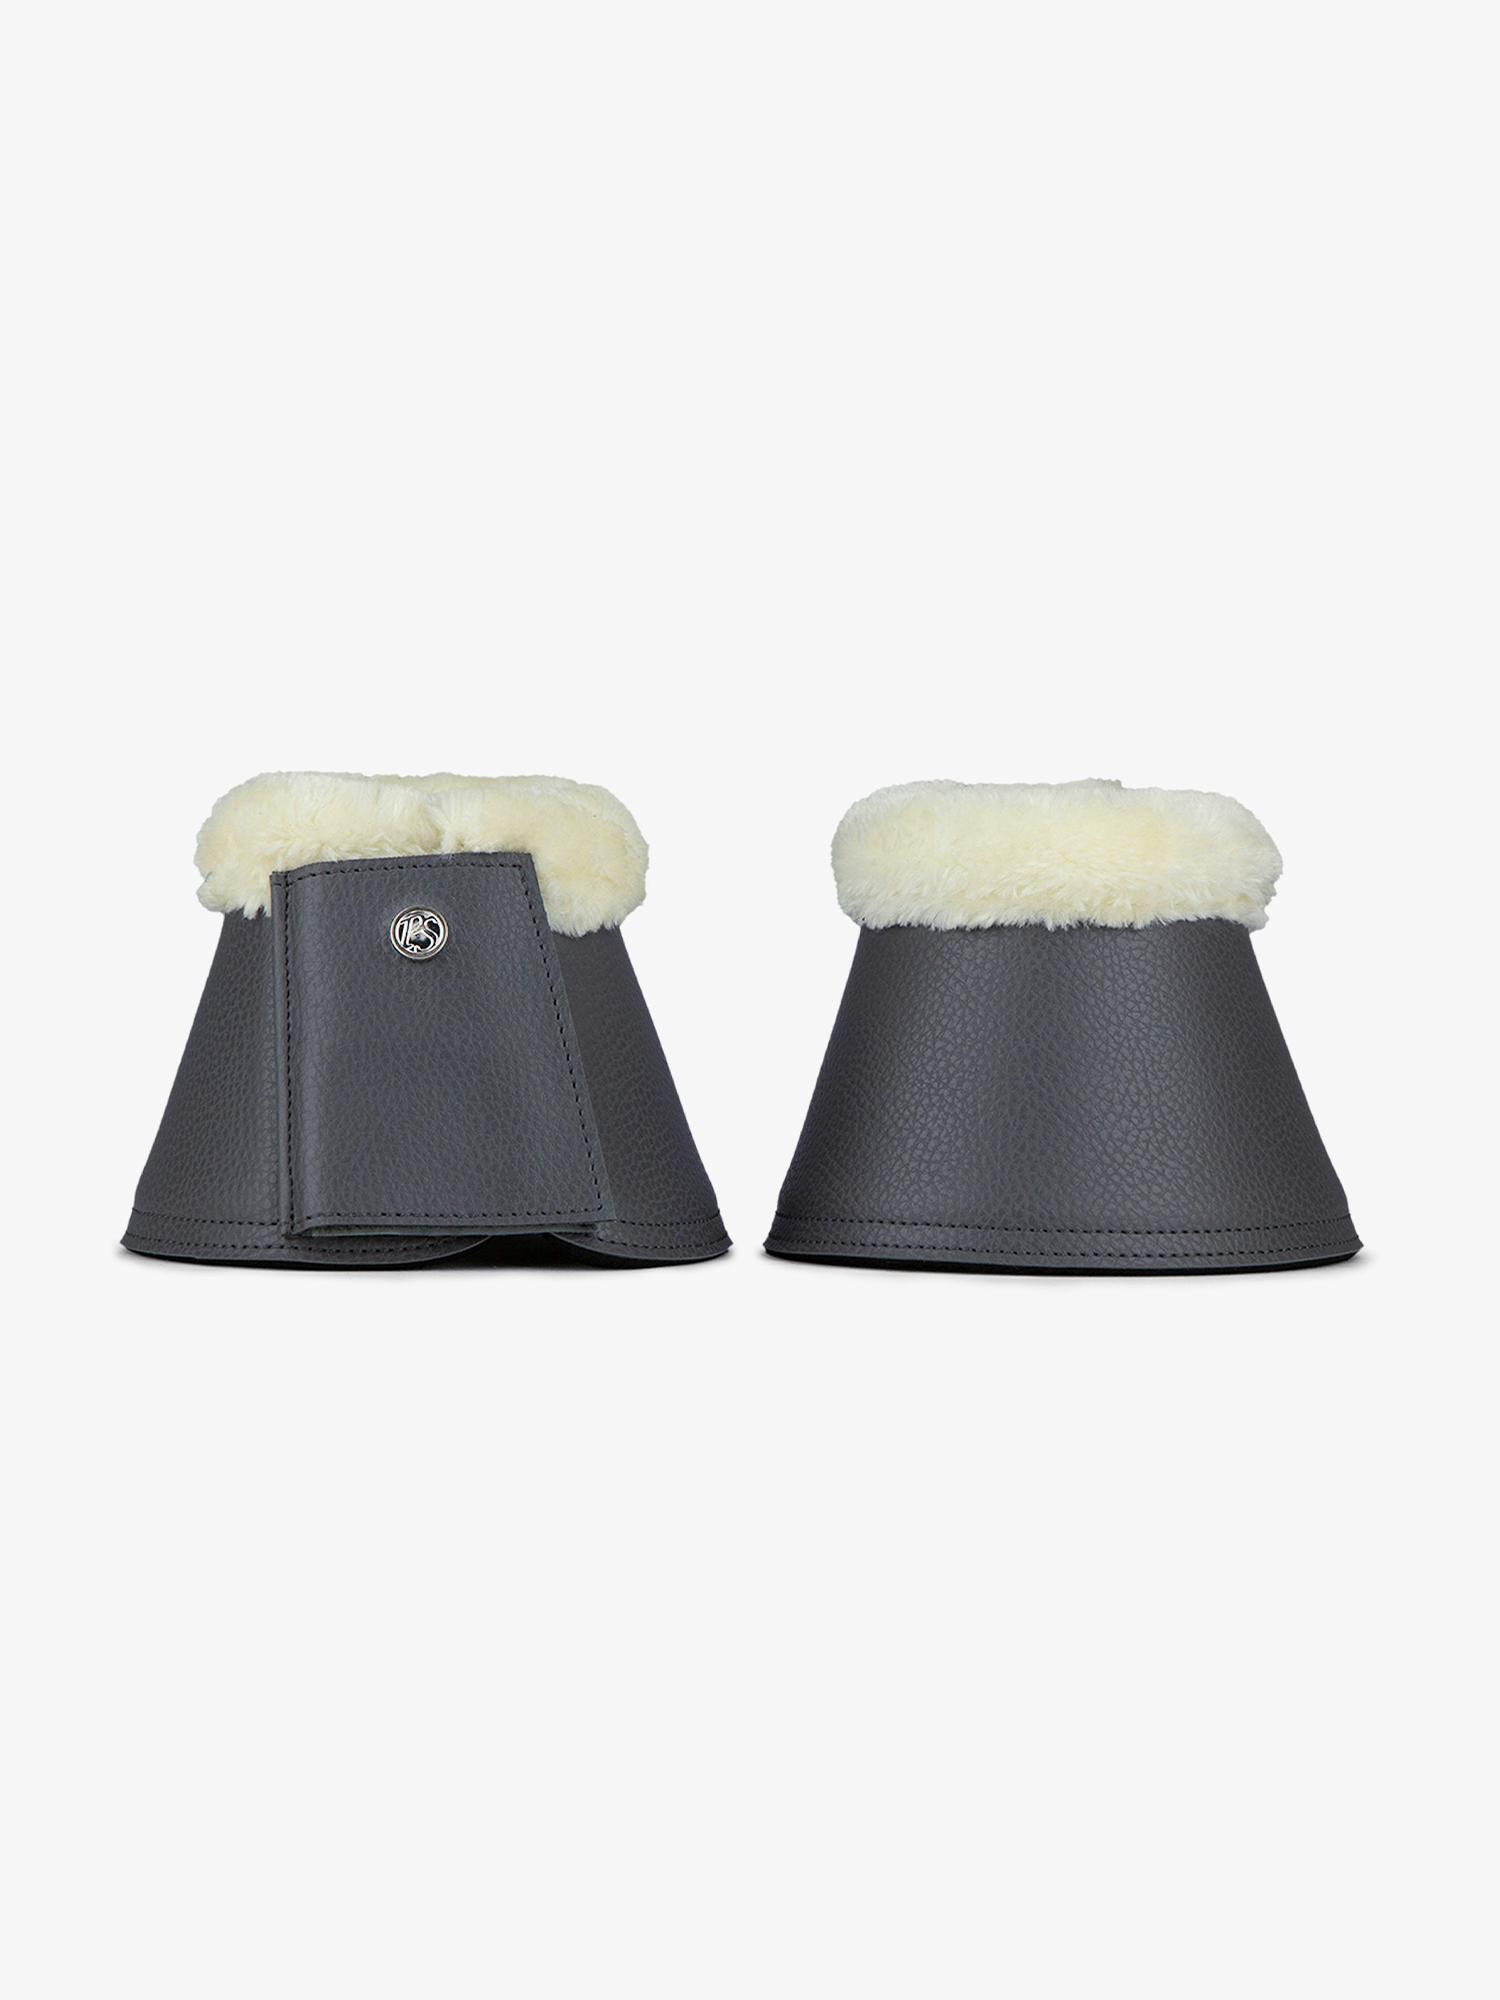 PS of Sweden 2er Set Hufglocken , Bell Boots in grey